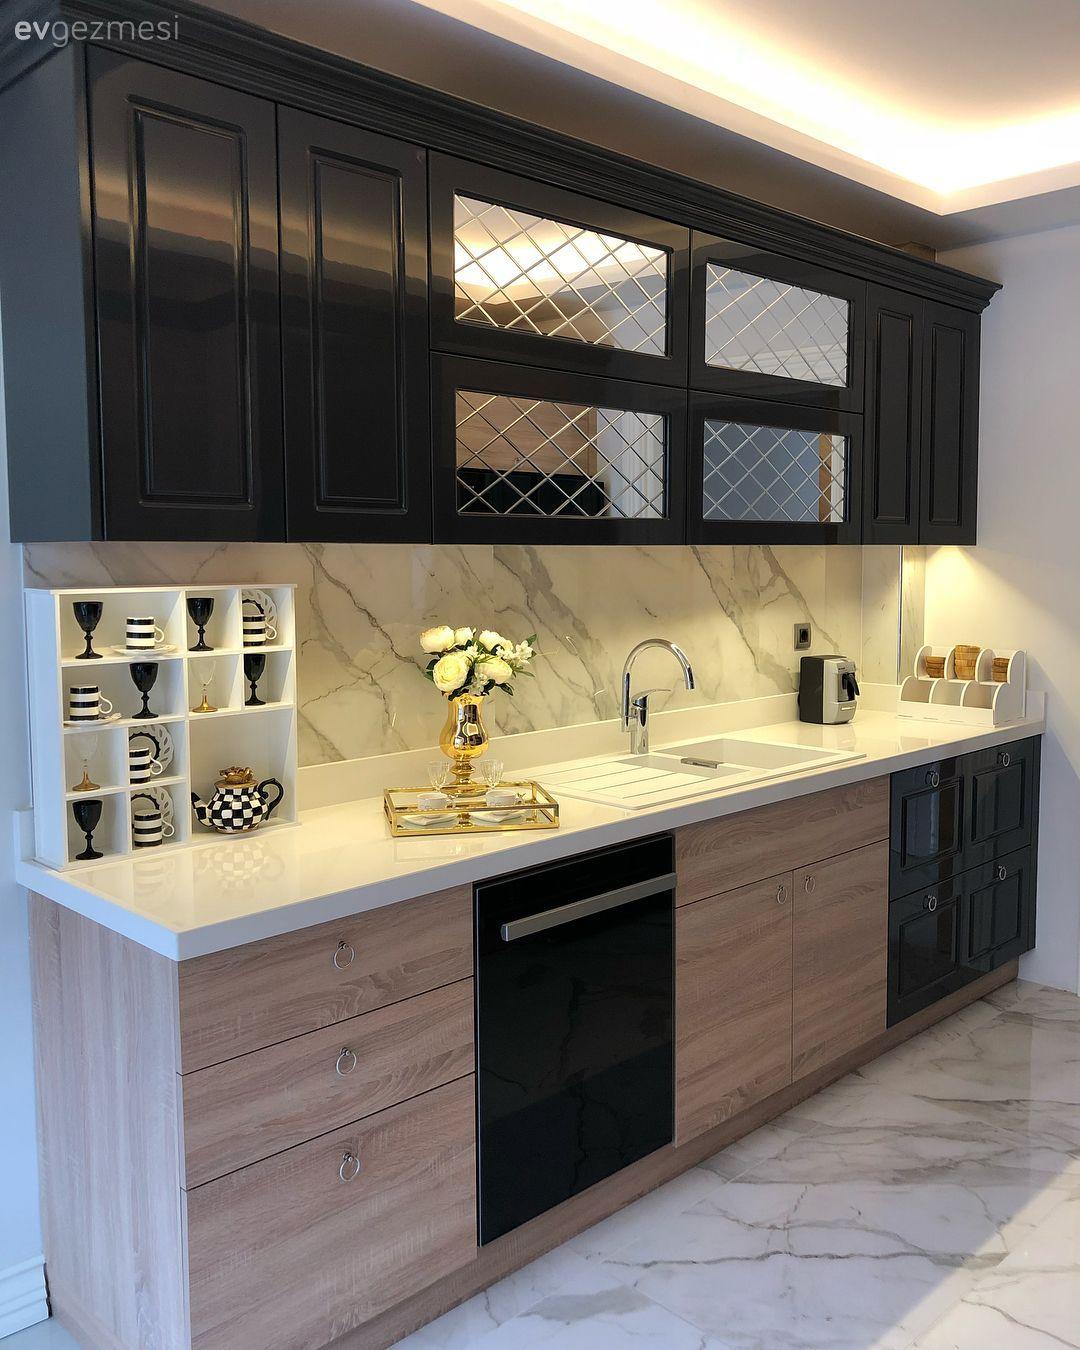 Bu evde koyu ve açık renklerin kontrastı, doğal materyallerle sofistike bir hava kazanıyor.. | Ev Gezmesi Banyo